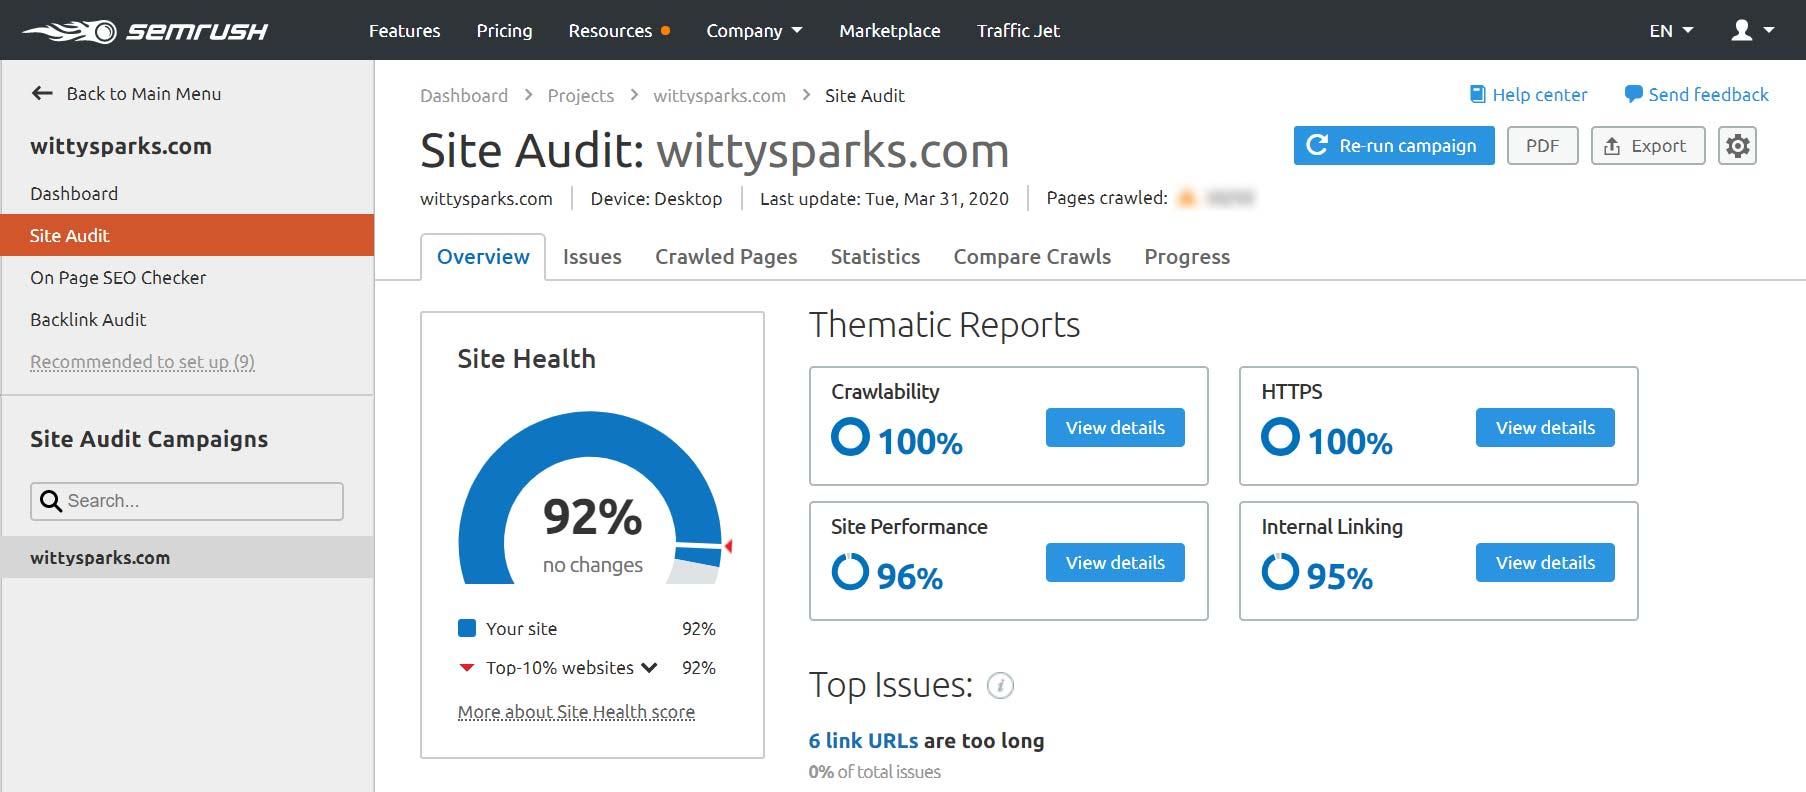 SEMrush - WittySparks site audit tool